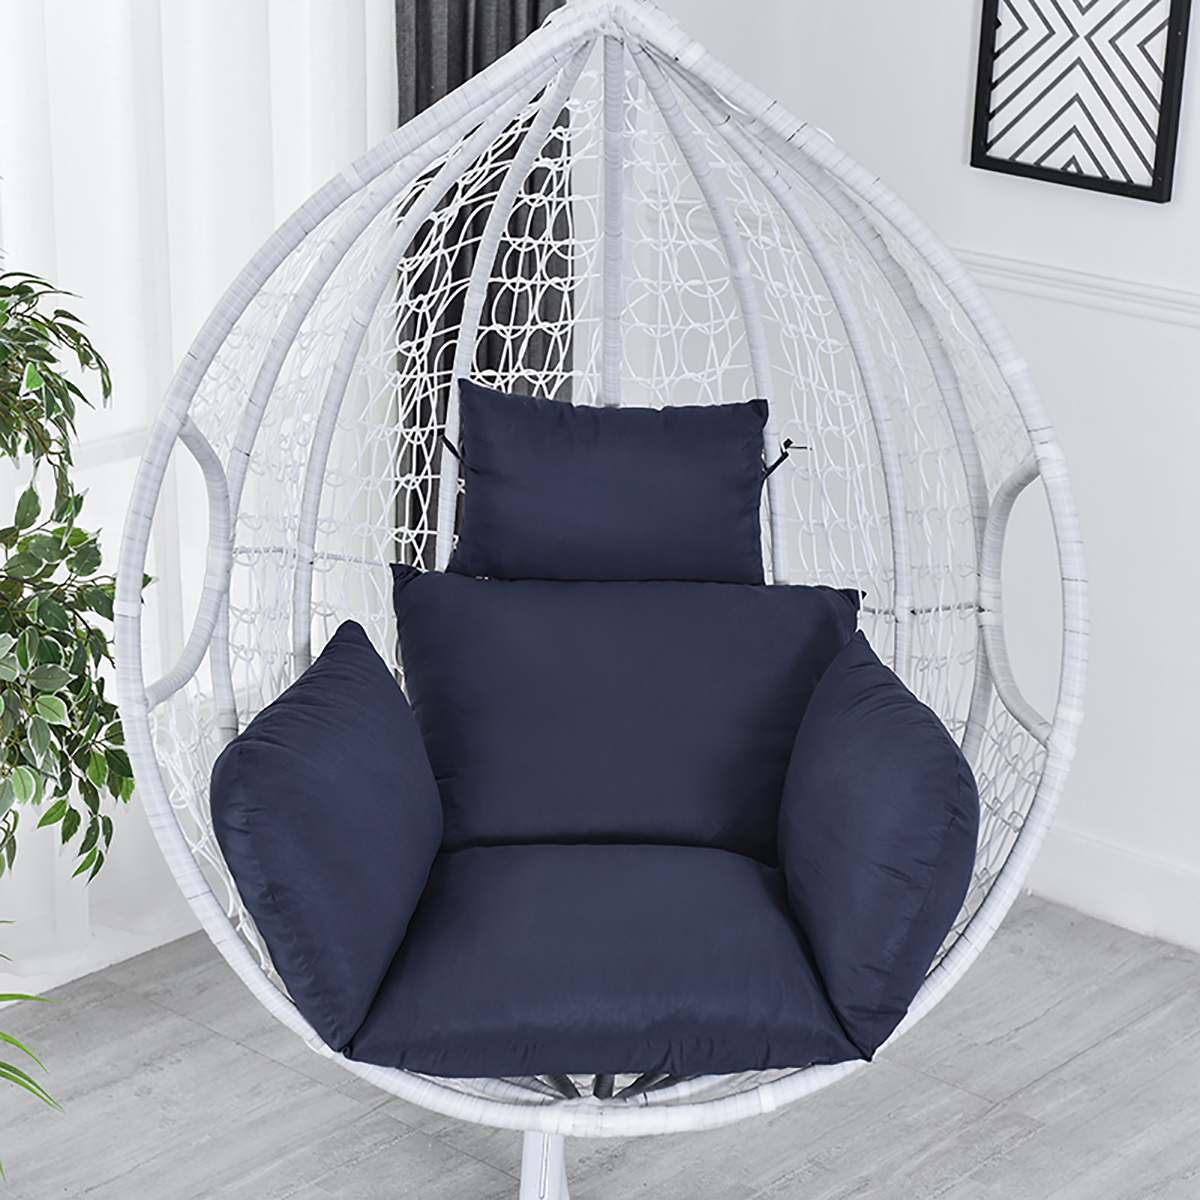 Висячий гамак, кресло, качающийся сад, на открытом воздухе, мягкое сиденье, подушка, сиденье, 220 кг, для спальни, подвесное кресло, спинка с под...